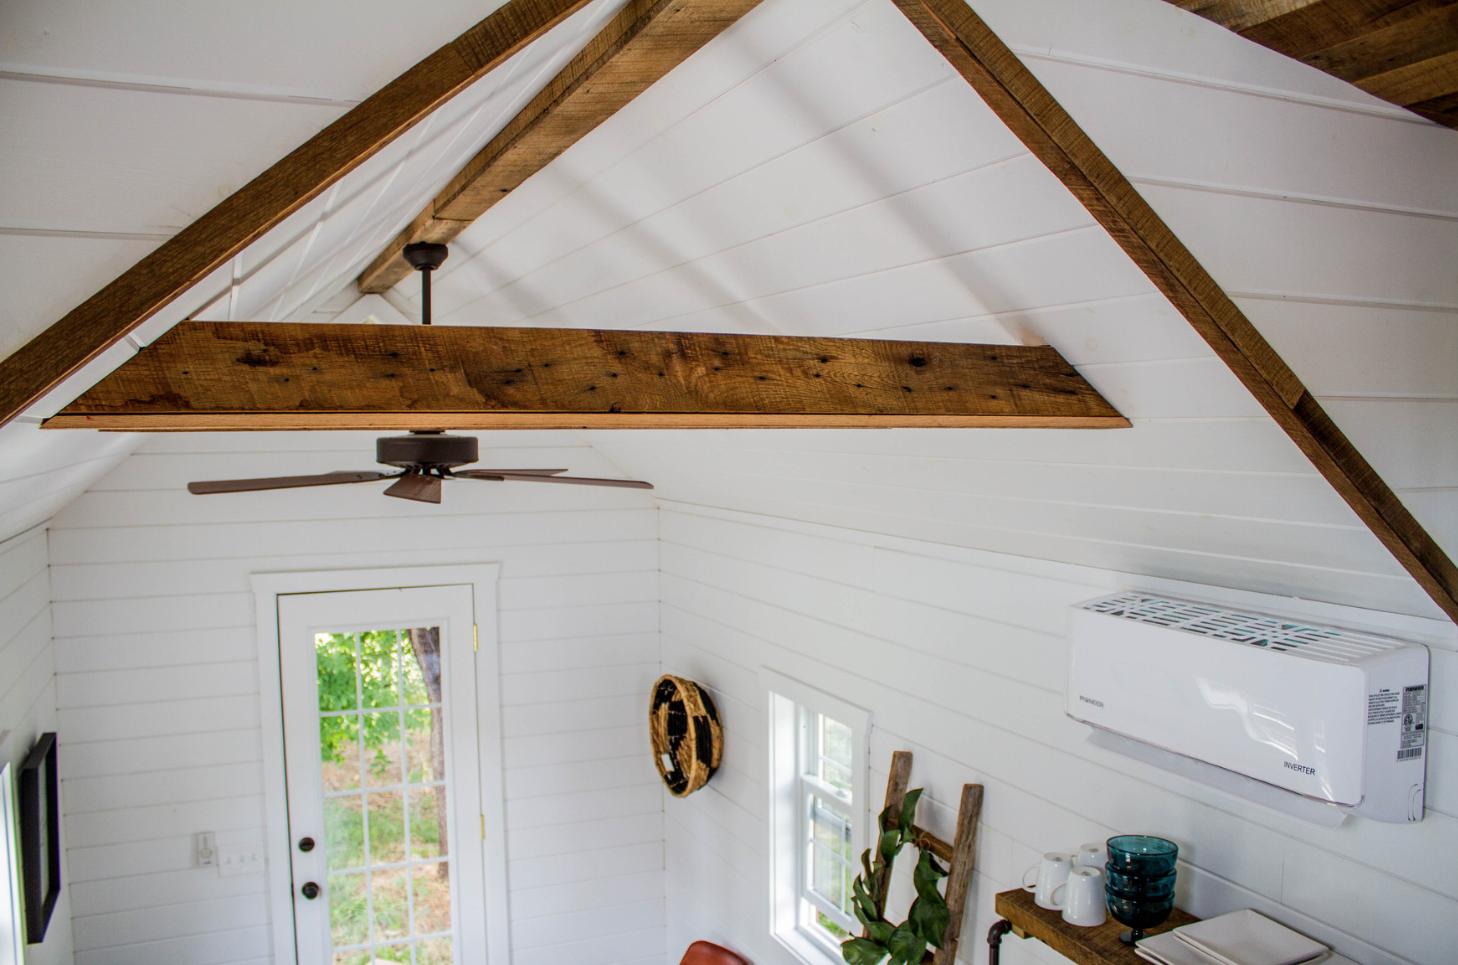 Cette mini maison est inspir e par le design d 39 une grange for Minimaliste mini maison